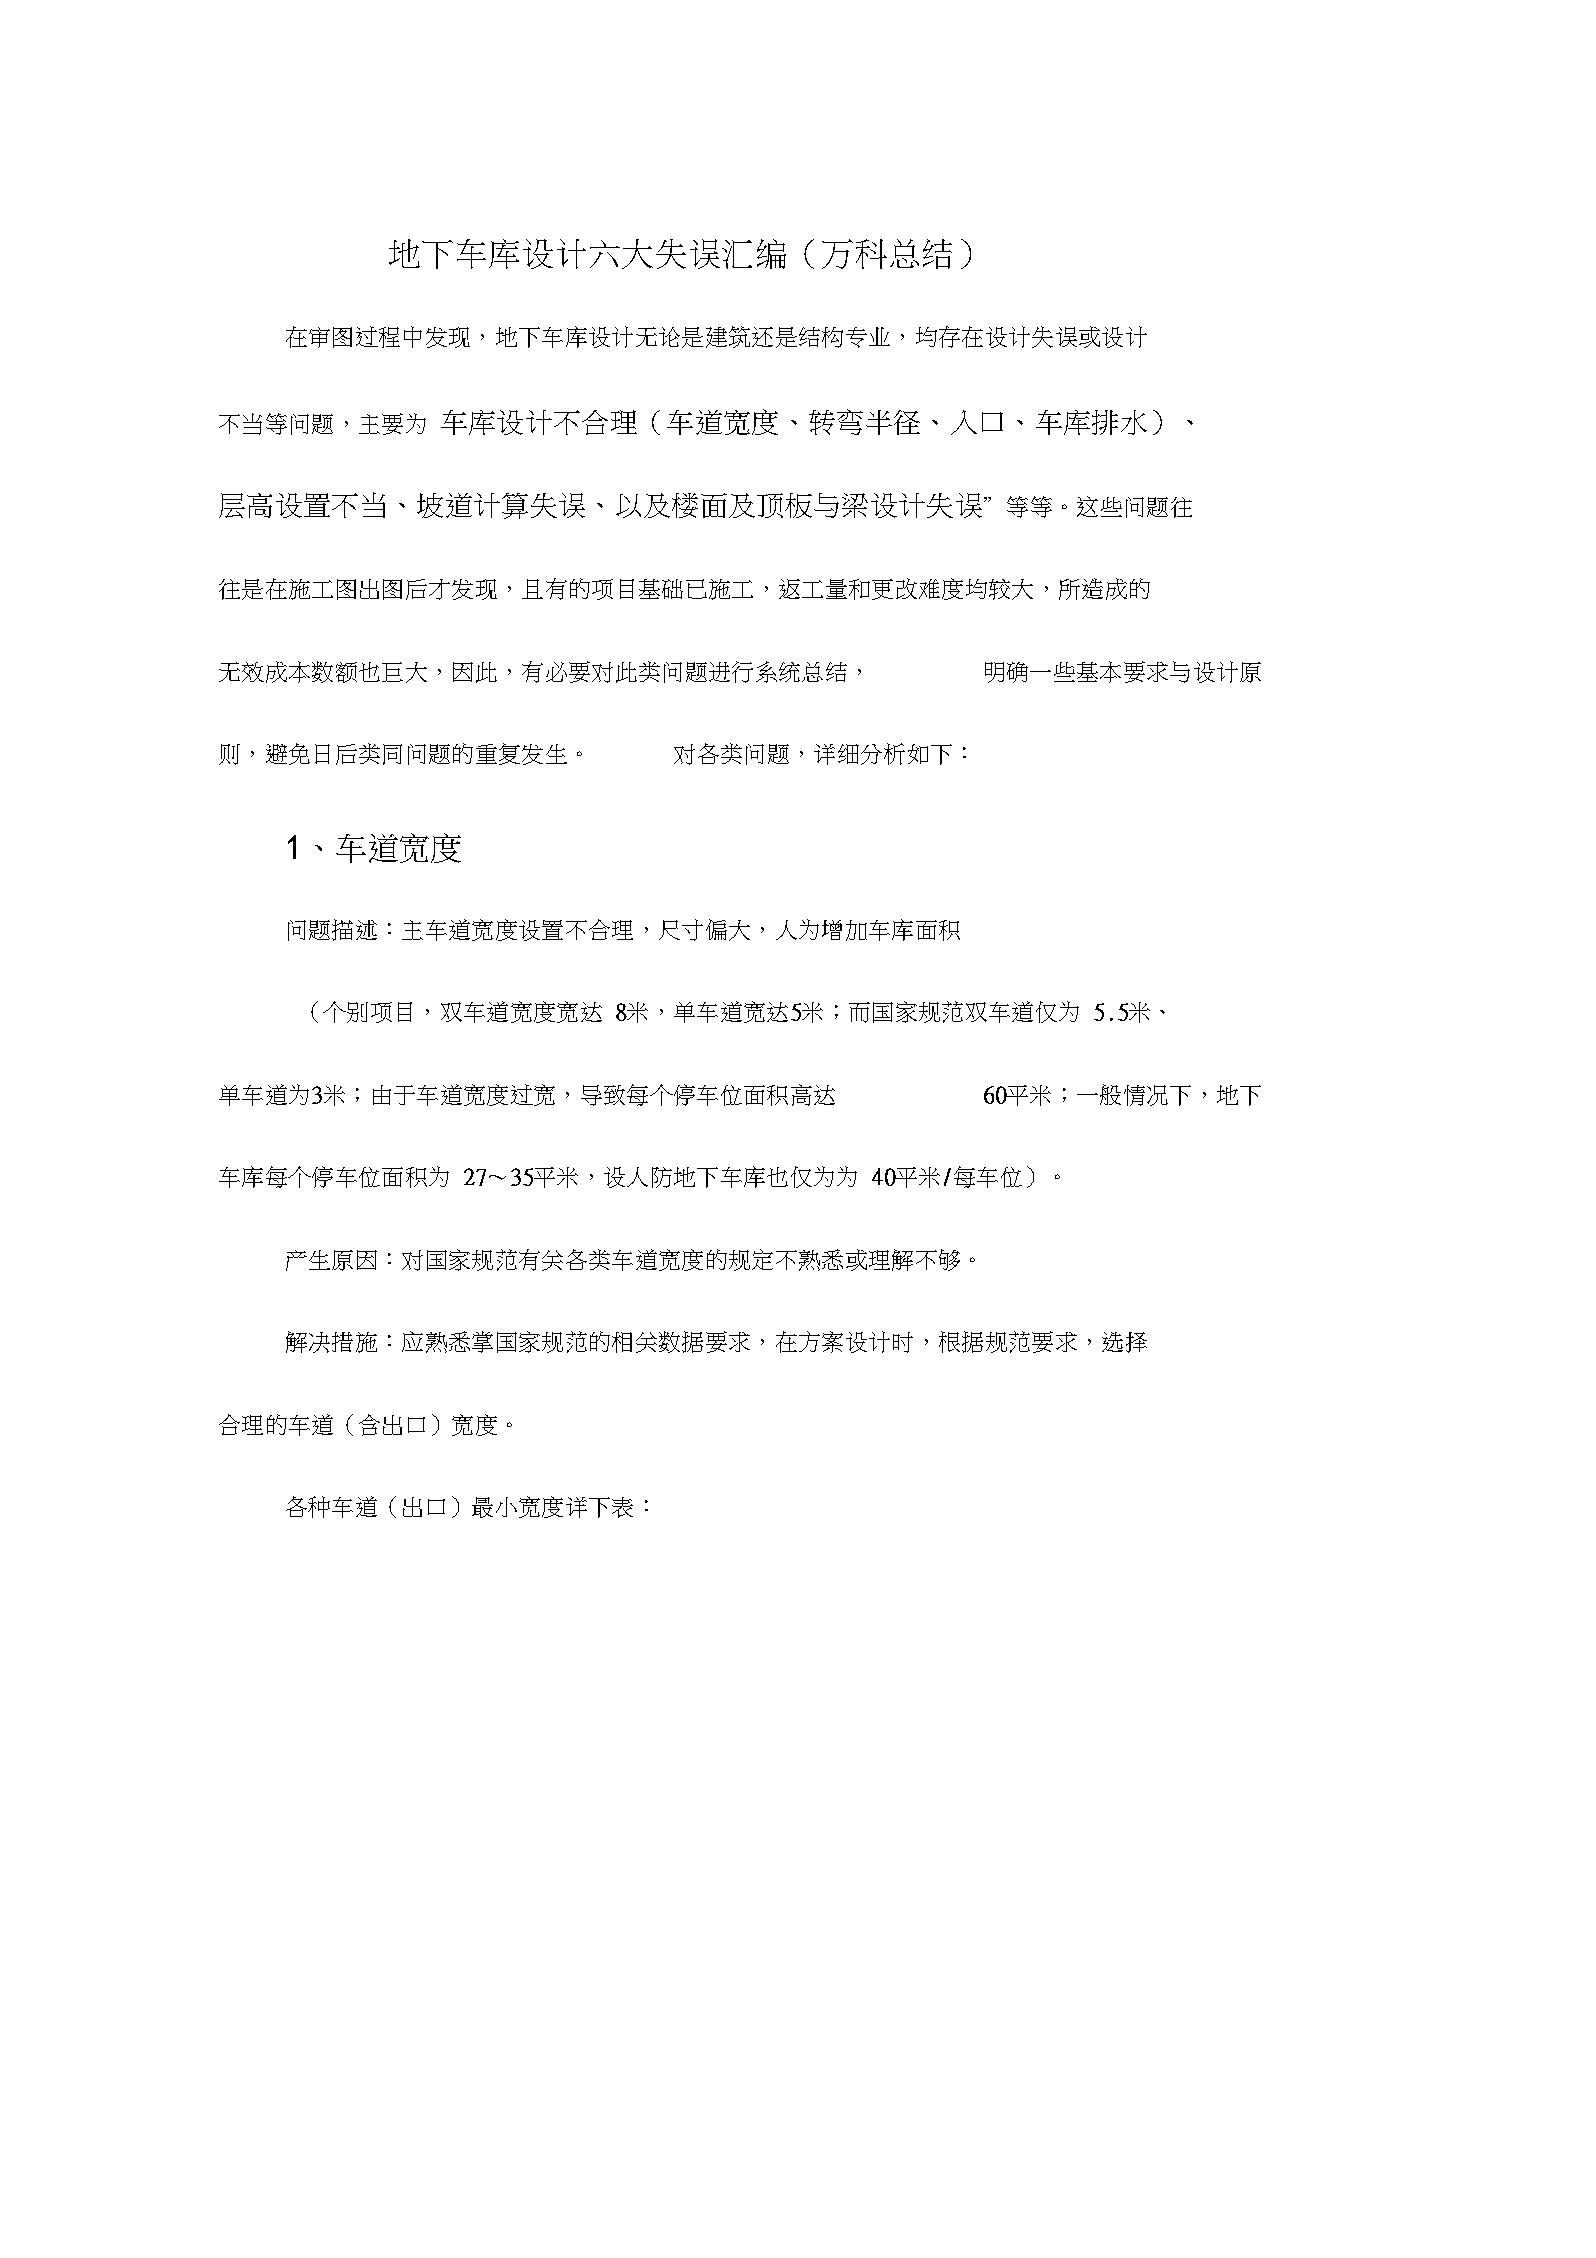 地下车库设计六大失误汇编(万科总结).docx